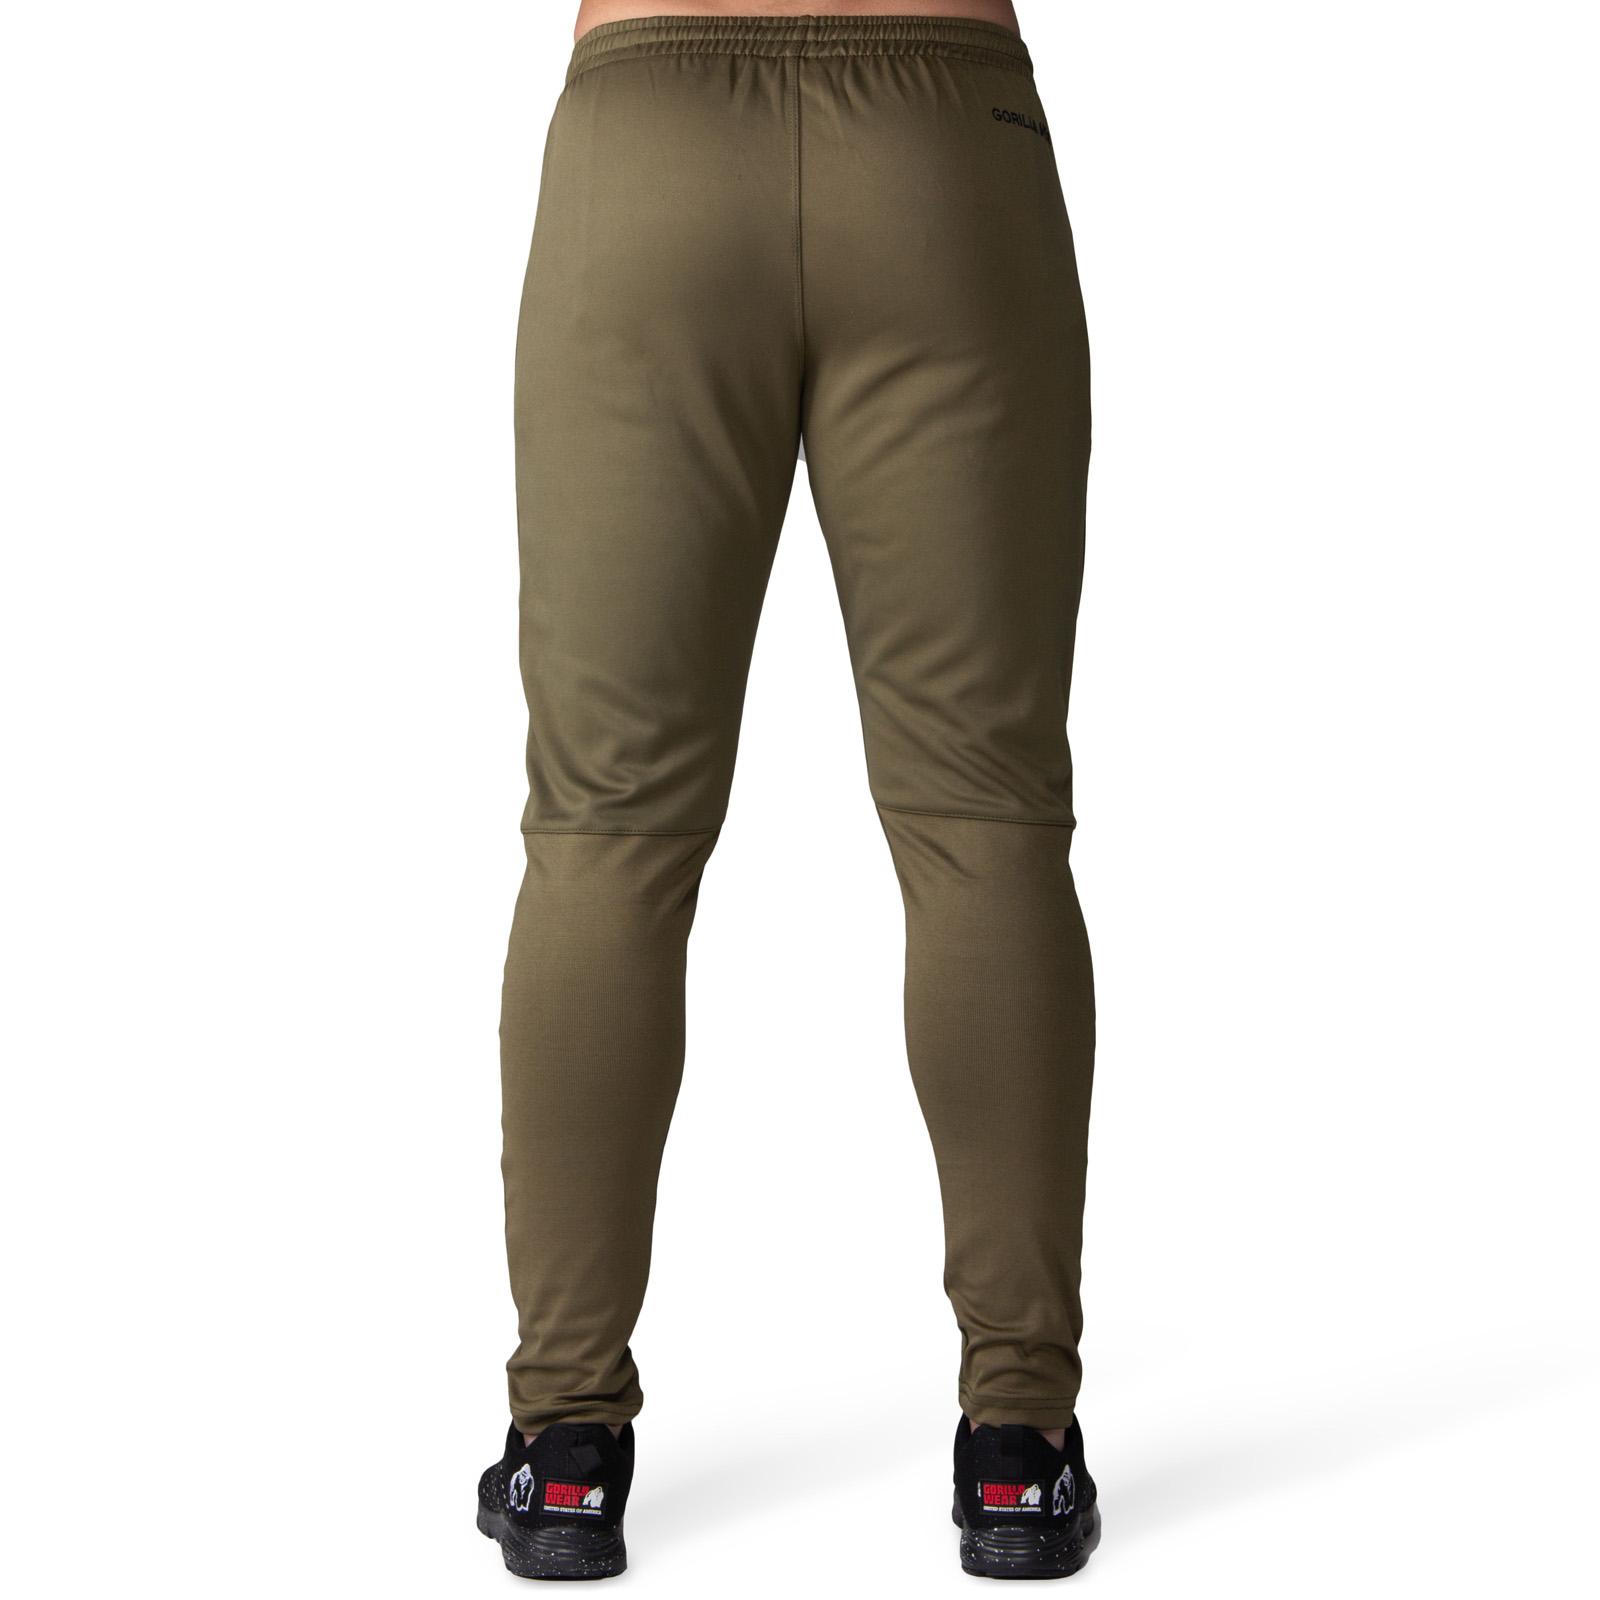 Fitness Broek Heren Groen Gorilla Wear Ballinger